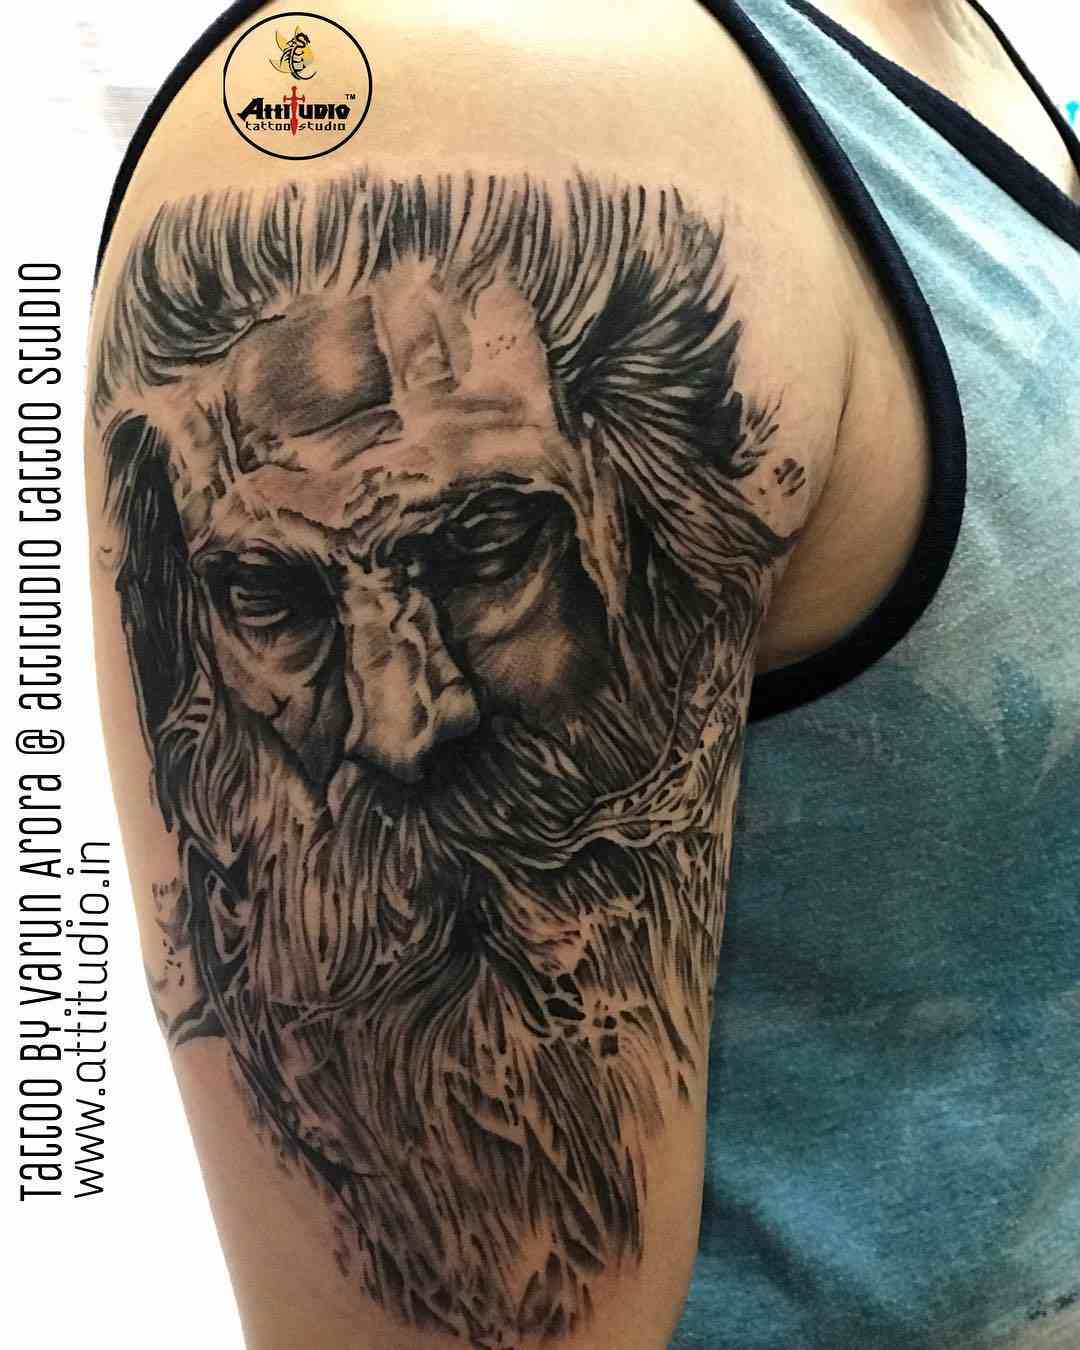 attitudio-tattoo-delhi-shoulder-aghori